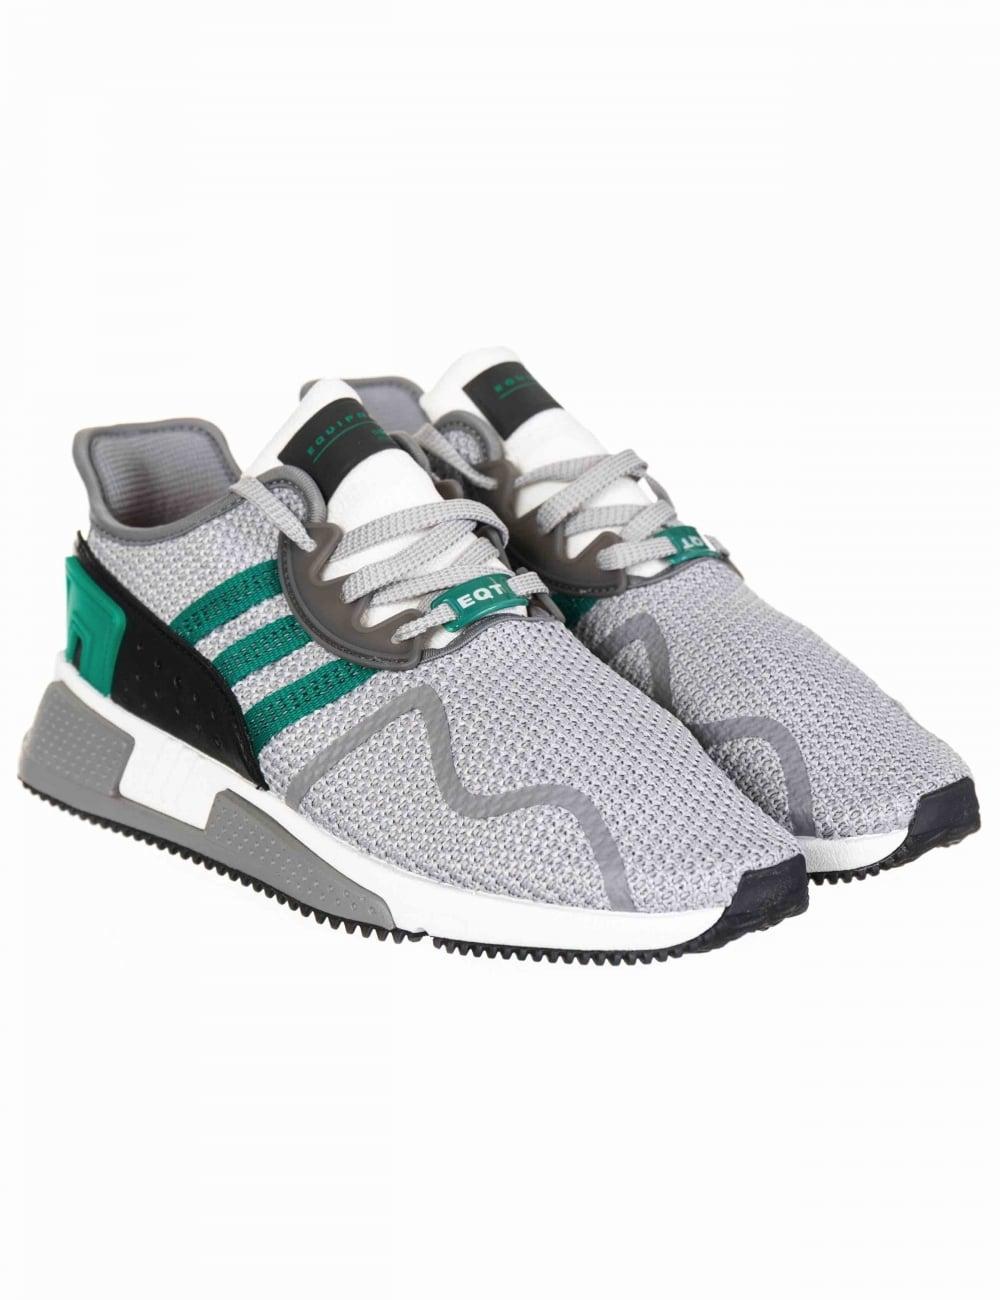 buy online 55083 4a8dd EQT Cushion ADV Trainers - Grey Two/Sub Green